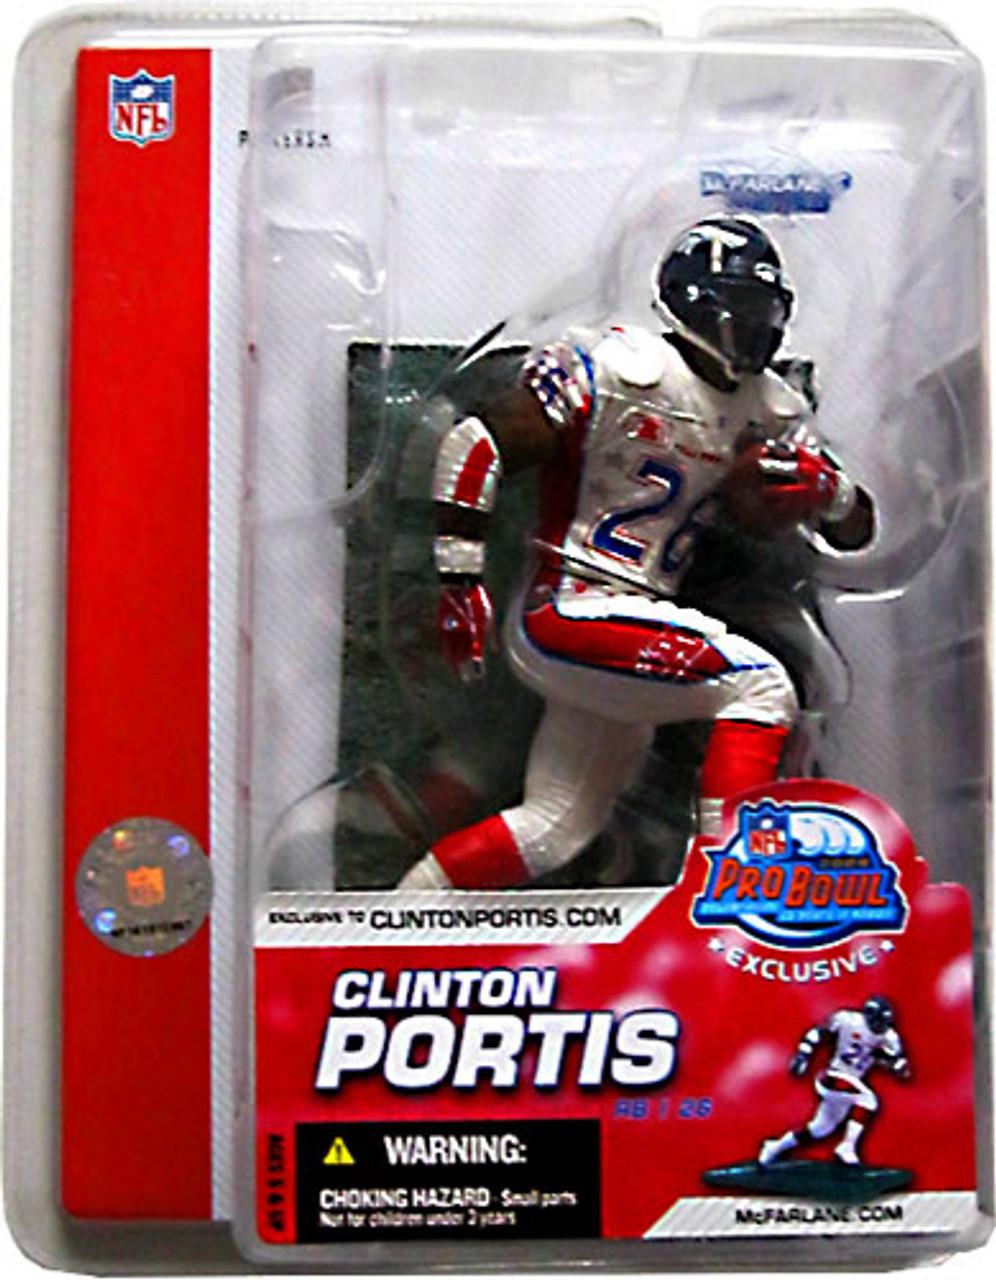 McFarlane Toys NFL Denver Broncos Sports Picks Pro Bowl Clinton Portis Exclusive Action Figure